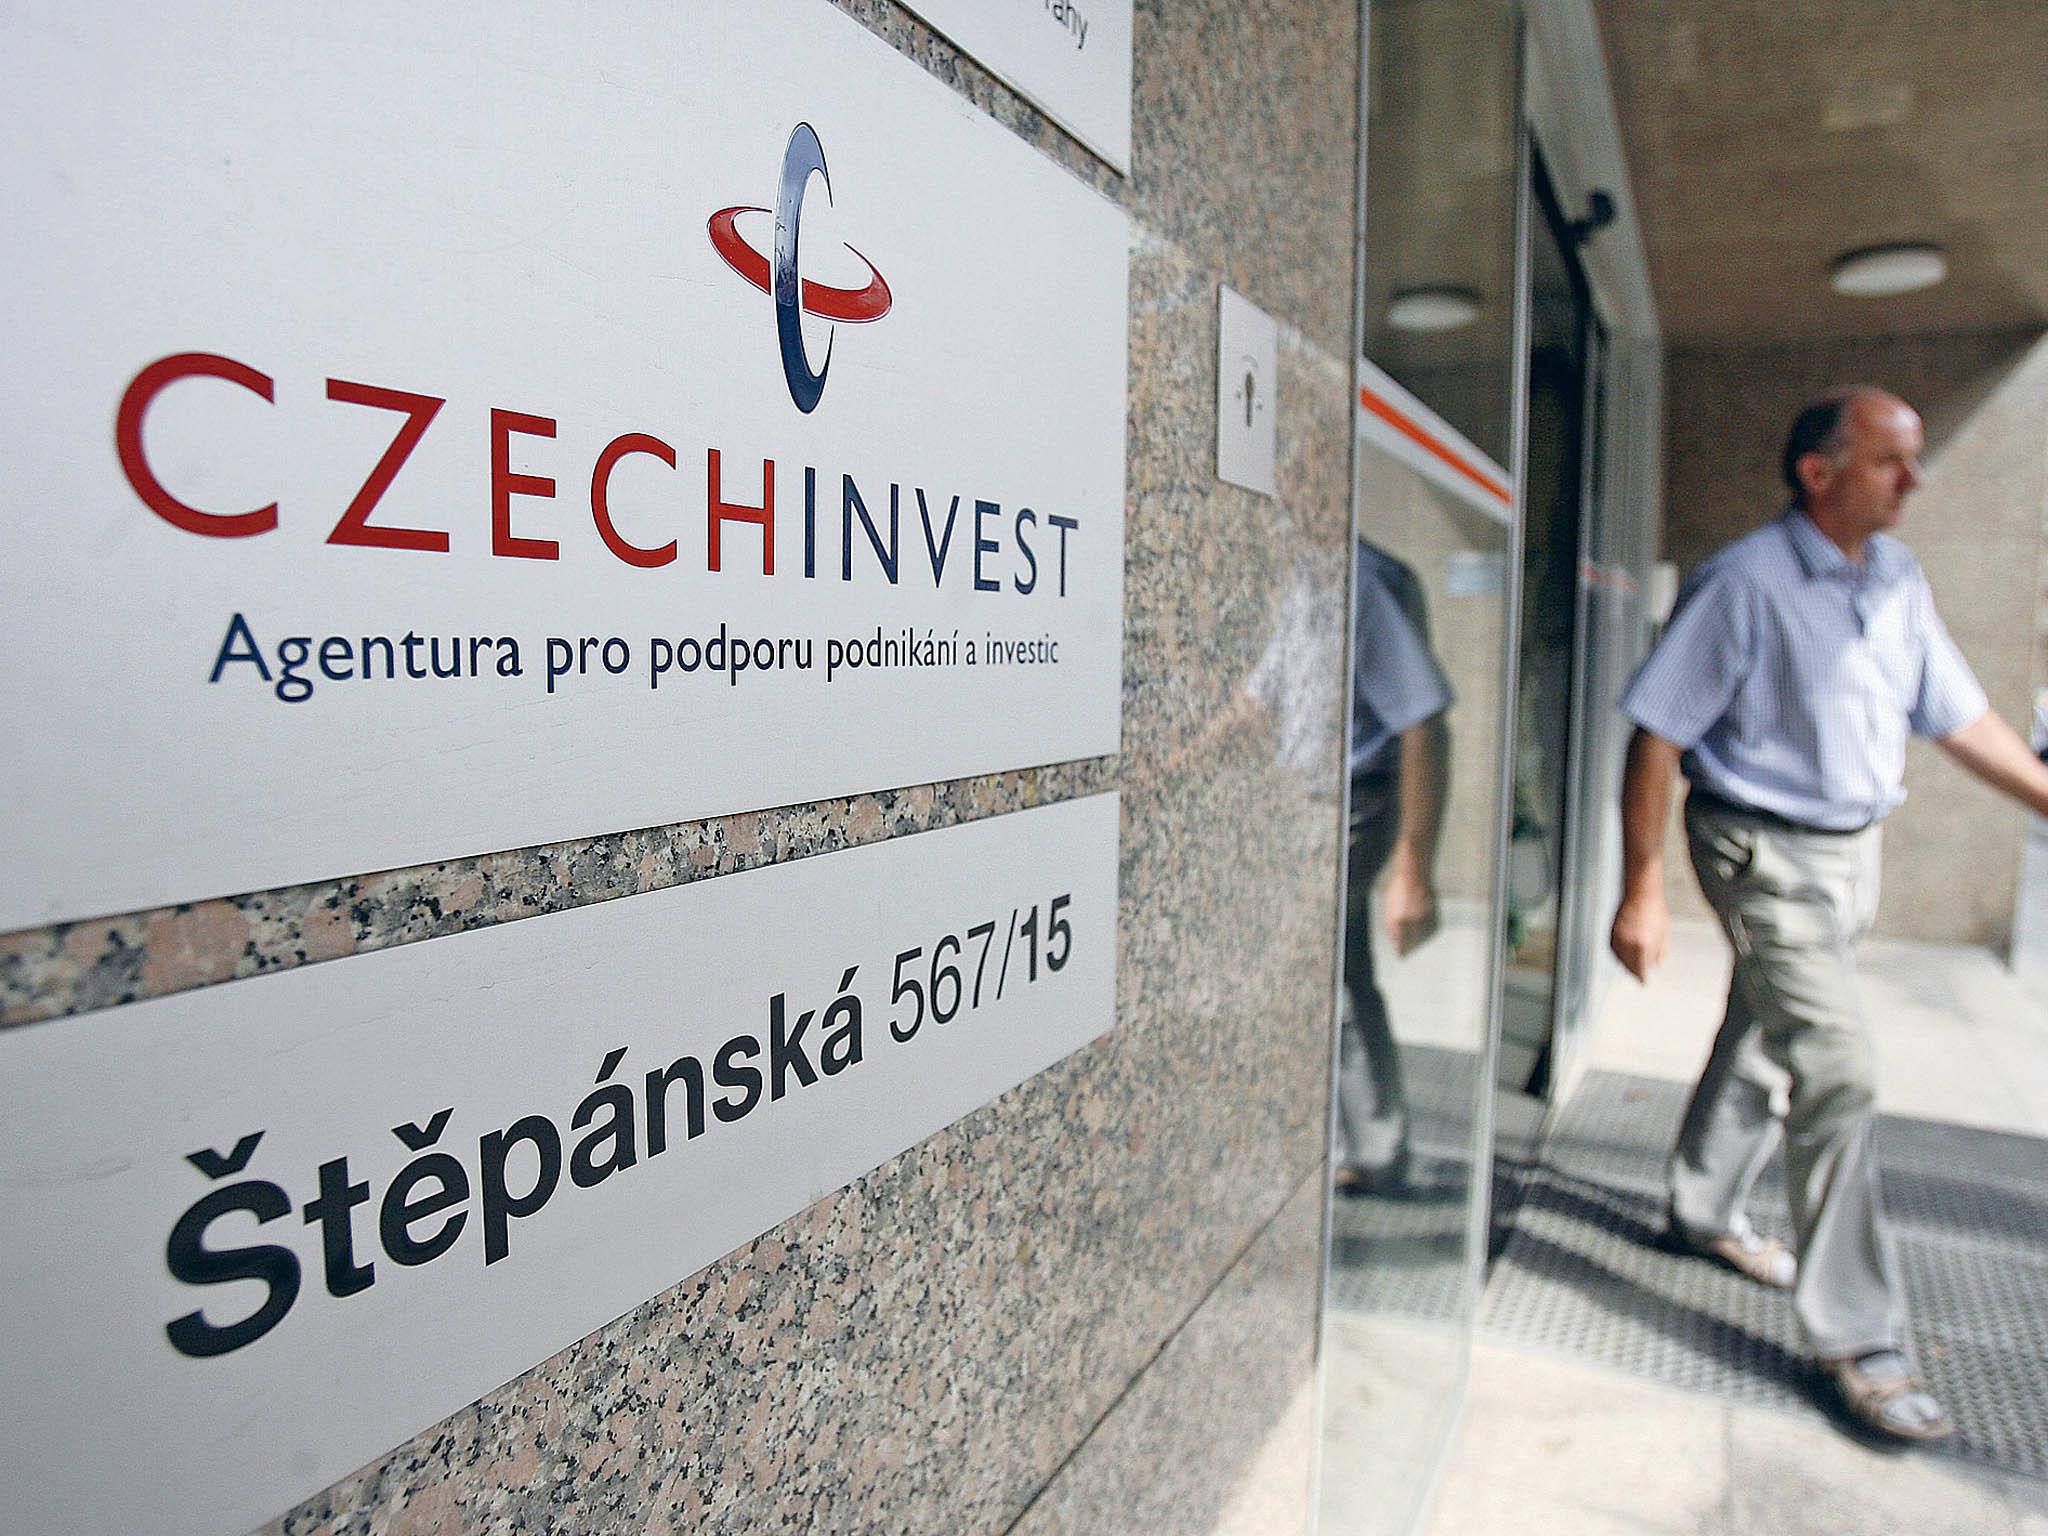 Desítka nadějných českých start-upů si to večtvrtek 3. prosince rozdá ovítězství vsoutěžiCzechInvest Startup Challenge 2020, kterou již podruhé organizuje agentura CzechInvest.